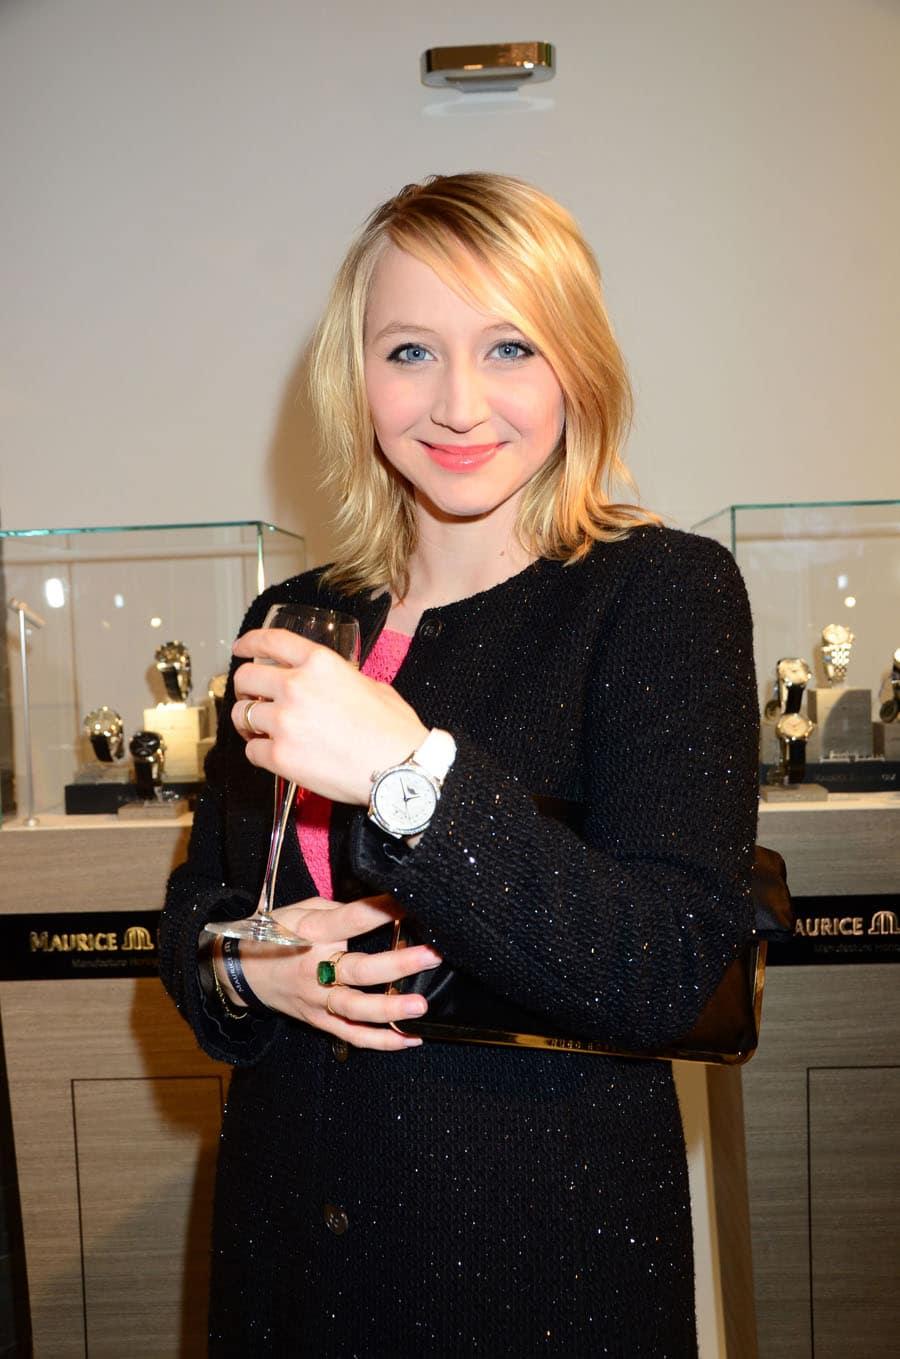 Die Schauspielerin Anna Maria Mühe befand sich unter den zahlreichen prominenten Gästen